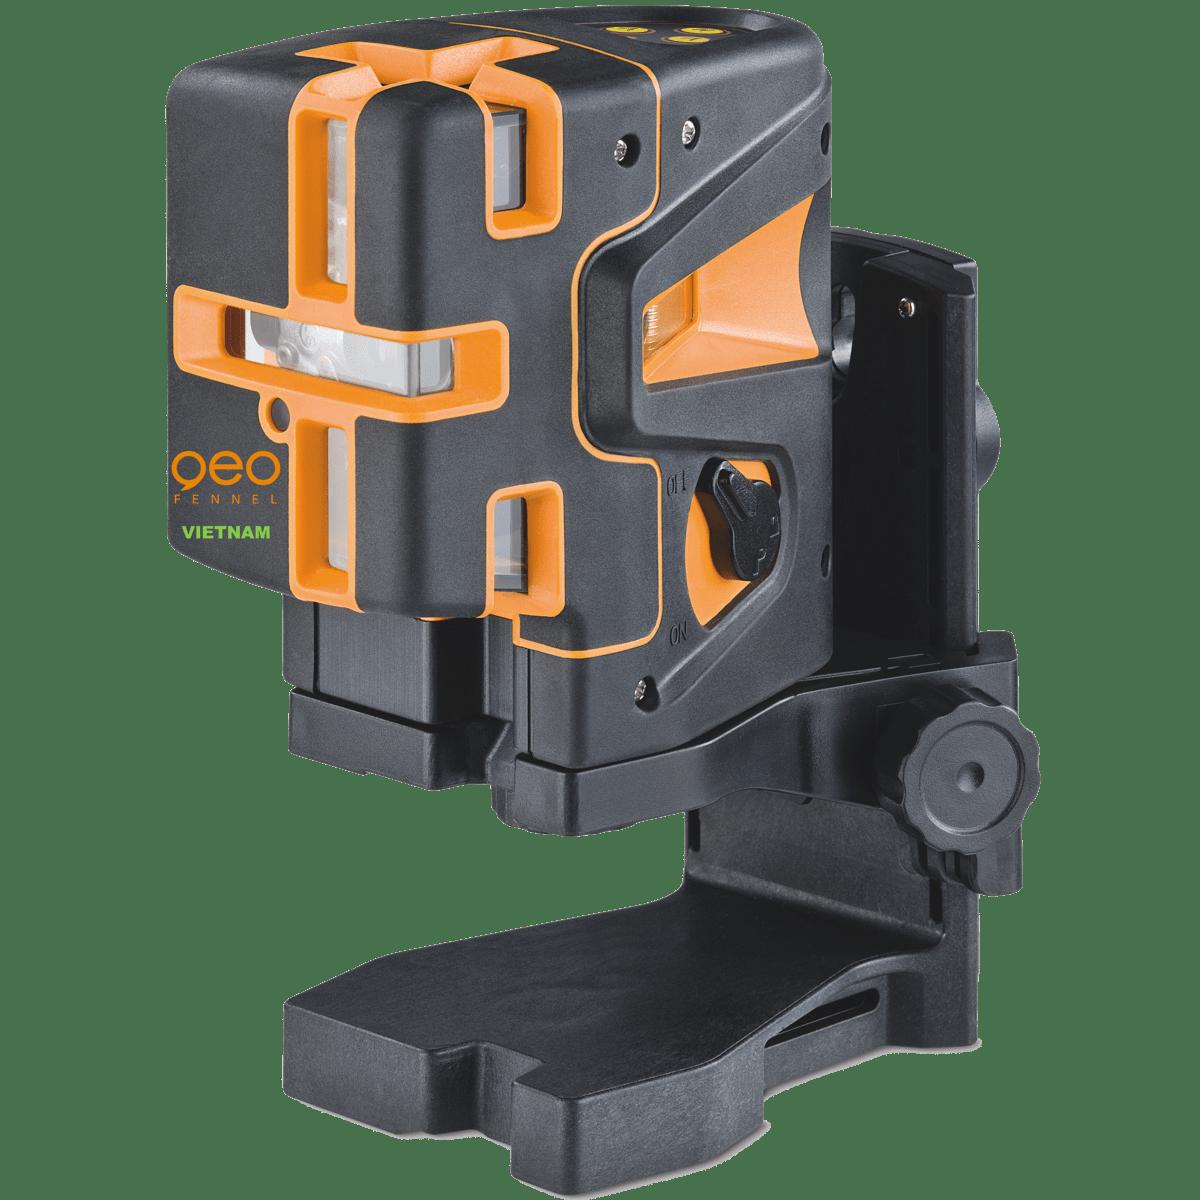 Máy bắn tia laser GEO5X-L360 HP | GEO-Fennel Vietnam